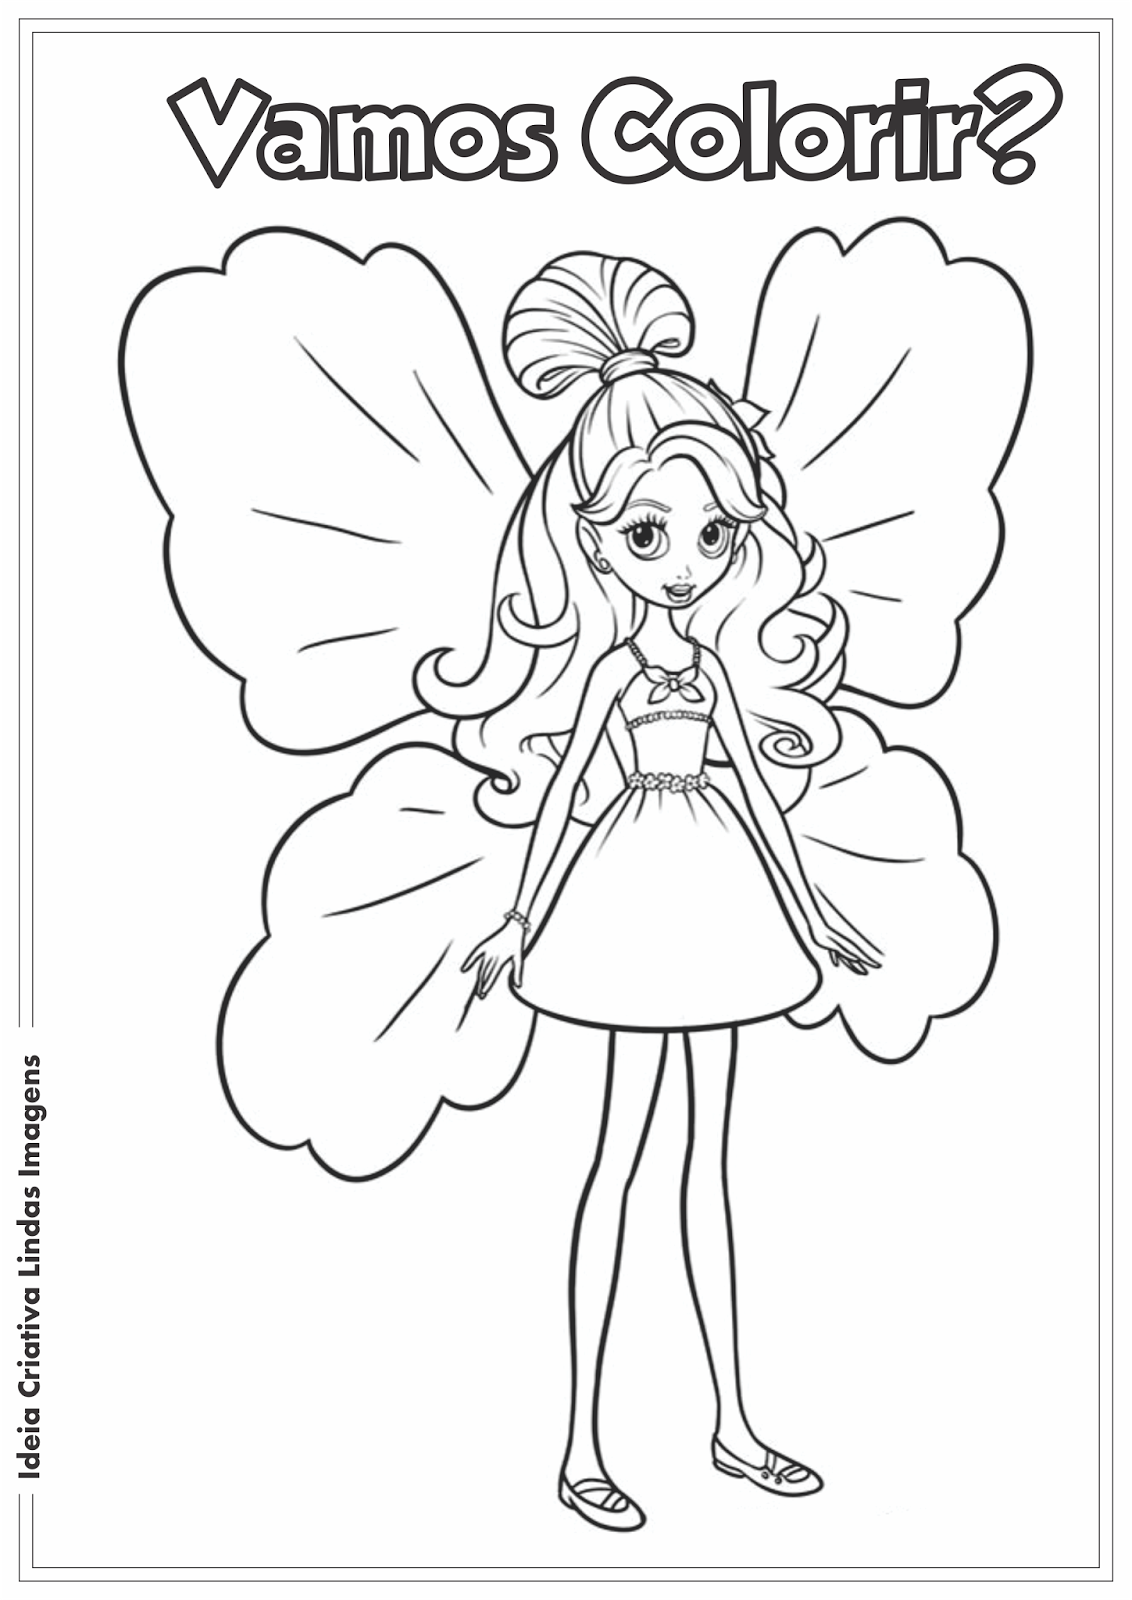 Ideia Criativa Lindas Imagens Barbie Thumbelina desenho pra colorir